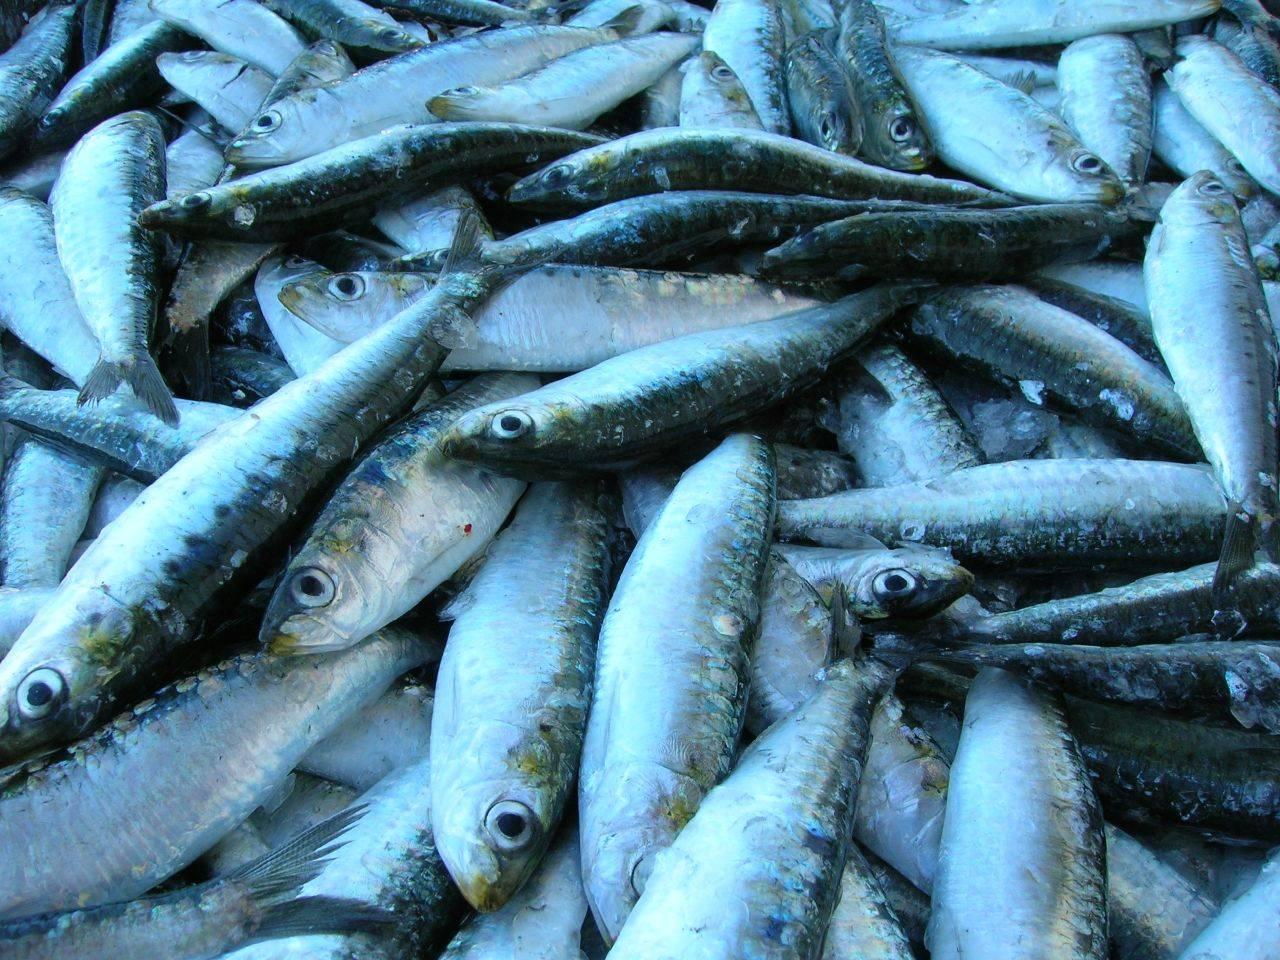 La pesca de sardinas perjudica a los ecosistemas marinos.